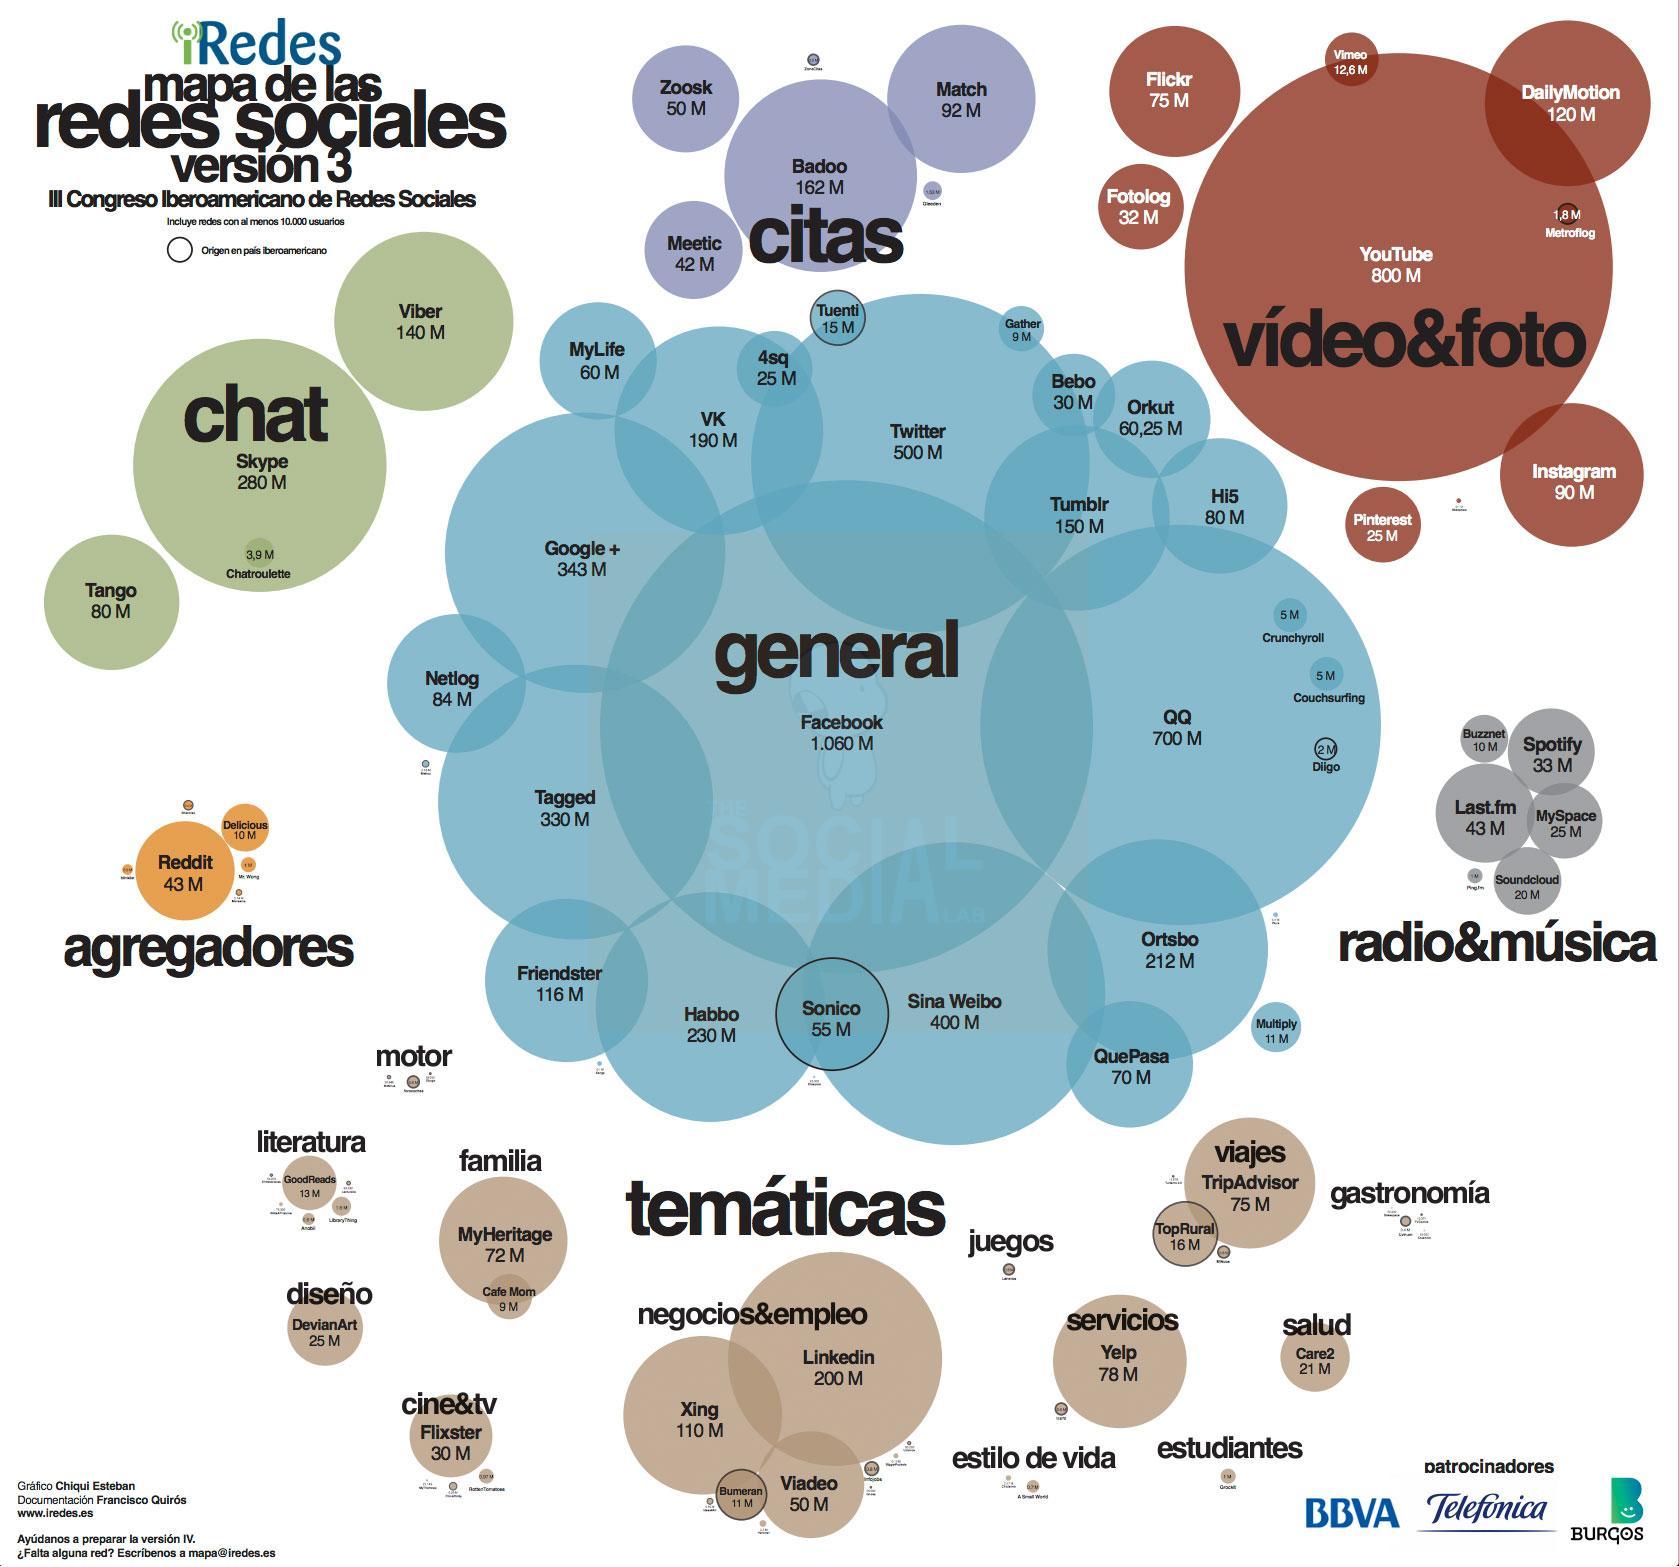 ¿Qué redes sociales nos gustan más?